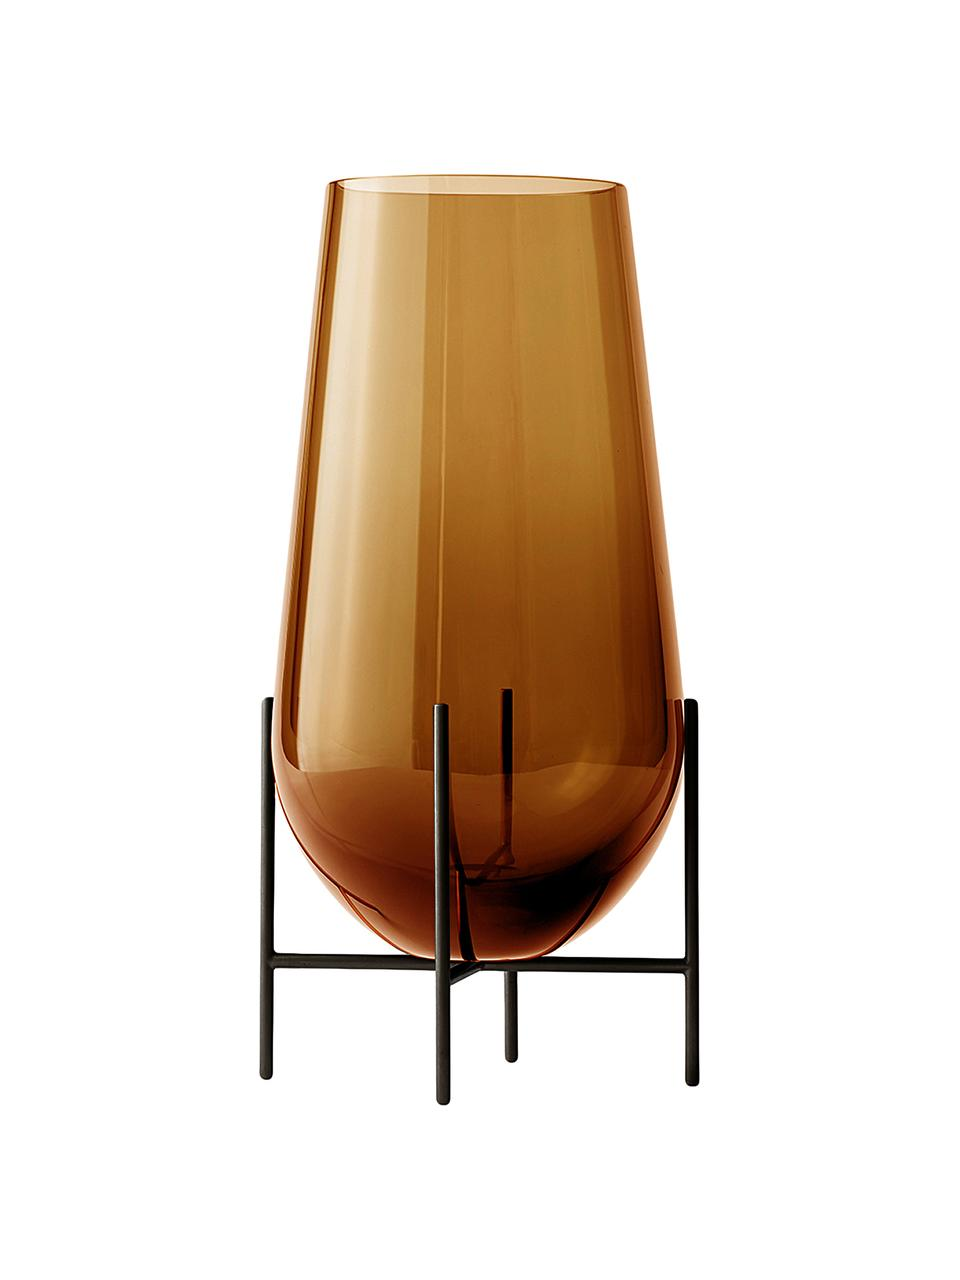 Grosse Design-Vase Échasse, Vase: Glas, mundgeblasen, Gestell: Messing, Braun, Bronze, Ø 22 x H 44 cm